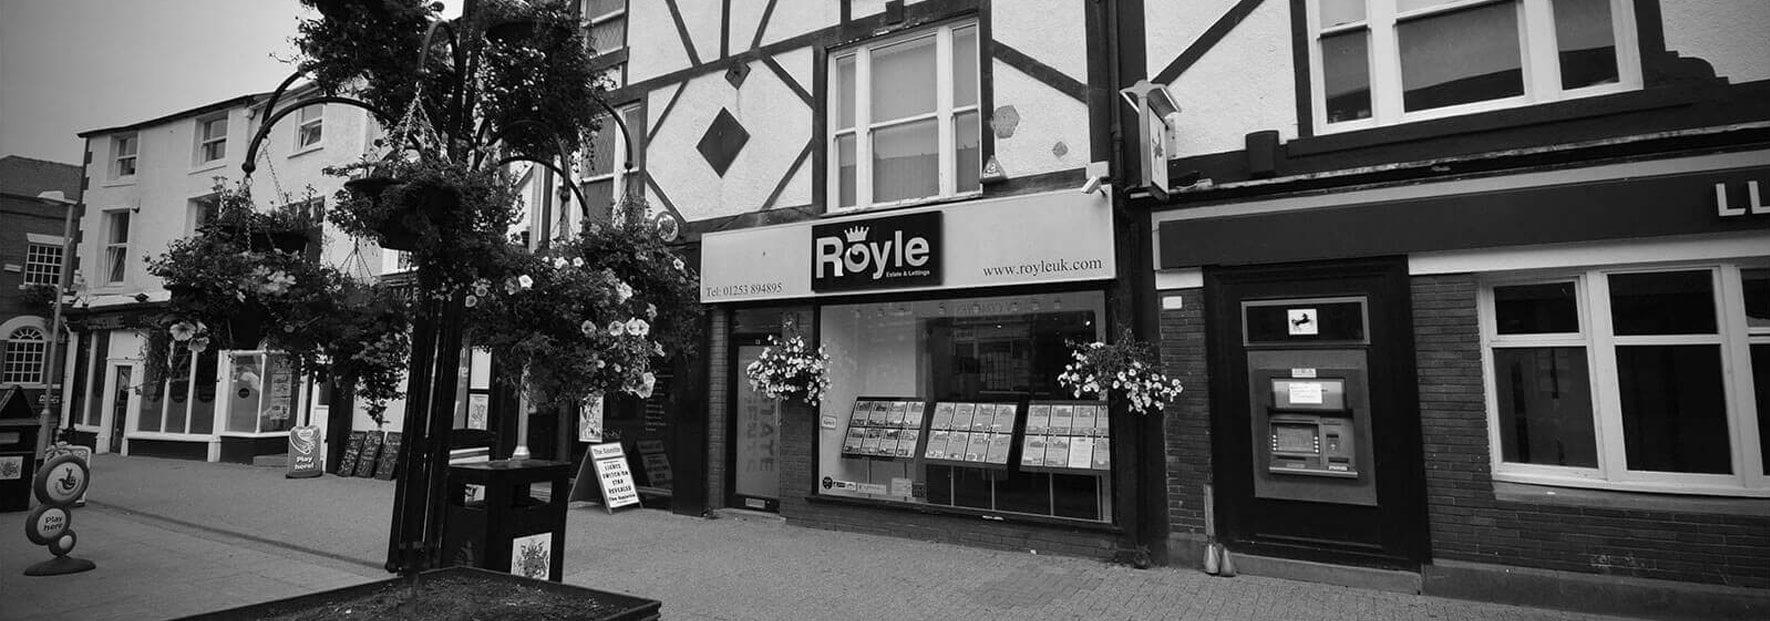 Royle Estate Agents Poulton-Le-Fylde